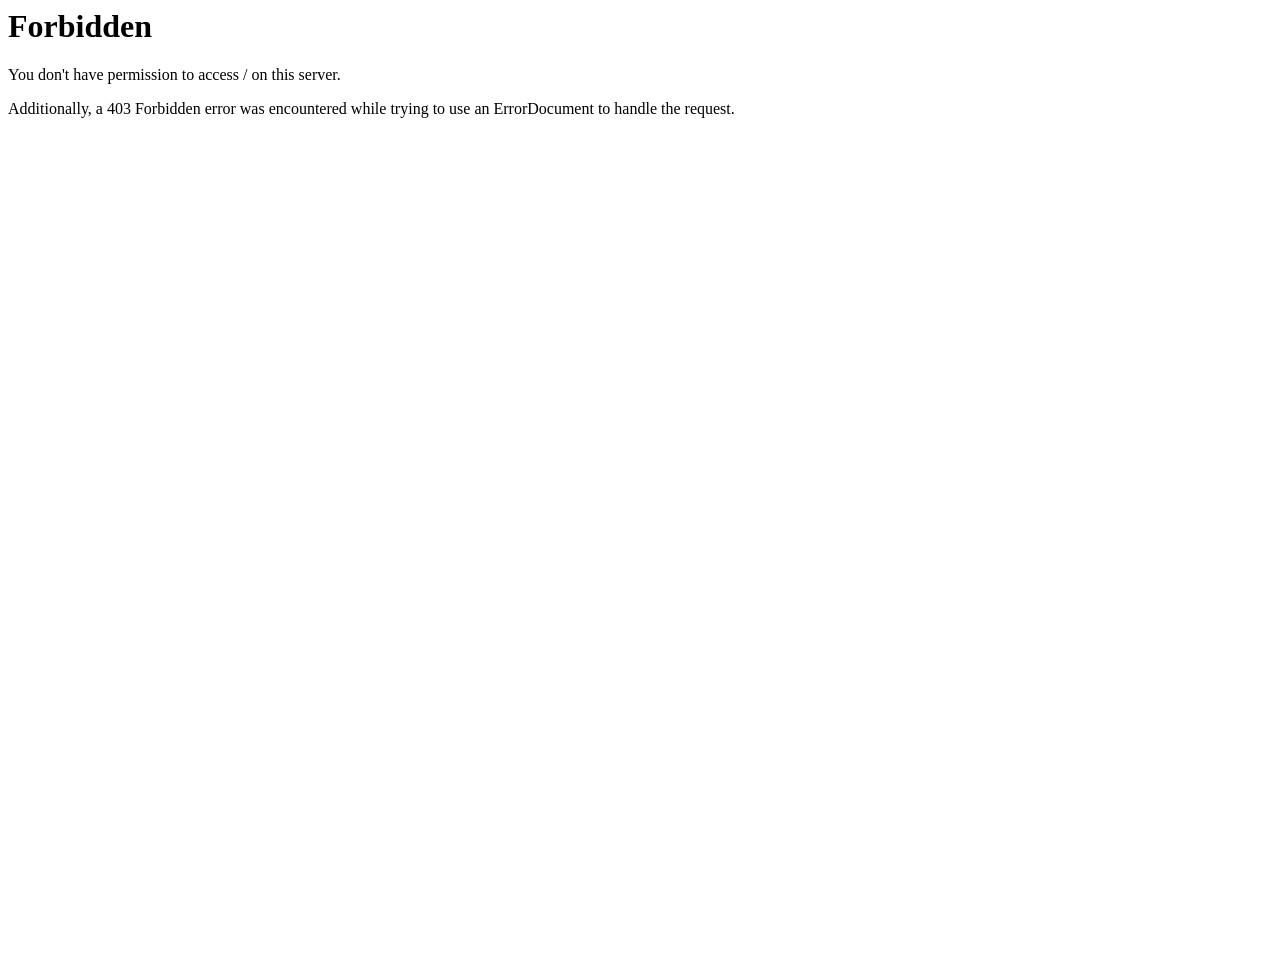 東京23区価格上昇率ランキング>東エリアが並ぶなか、港区・千代田区が上位ランクイン